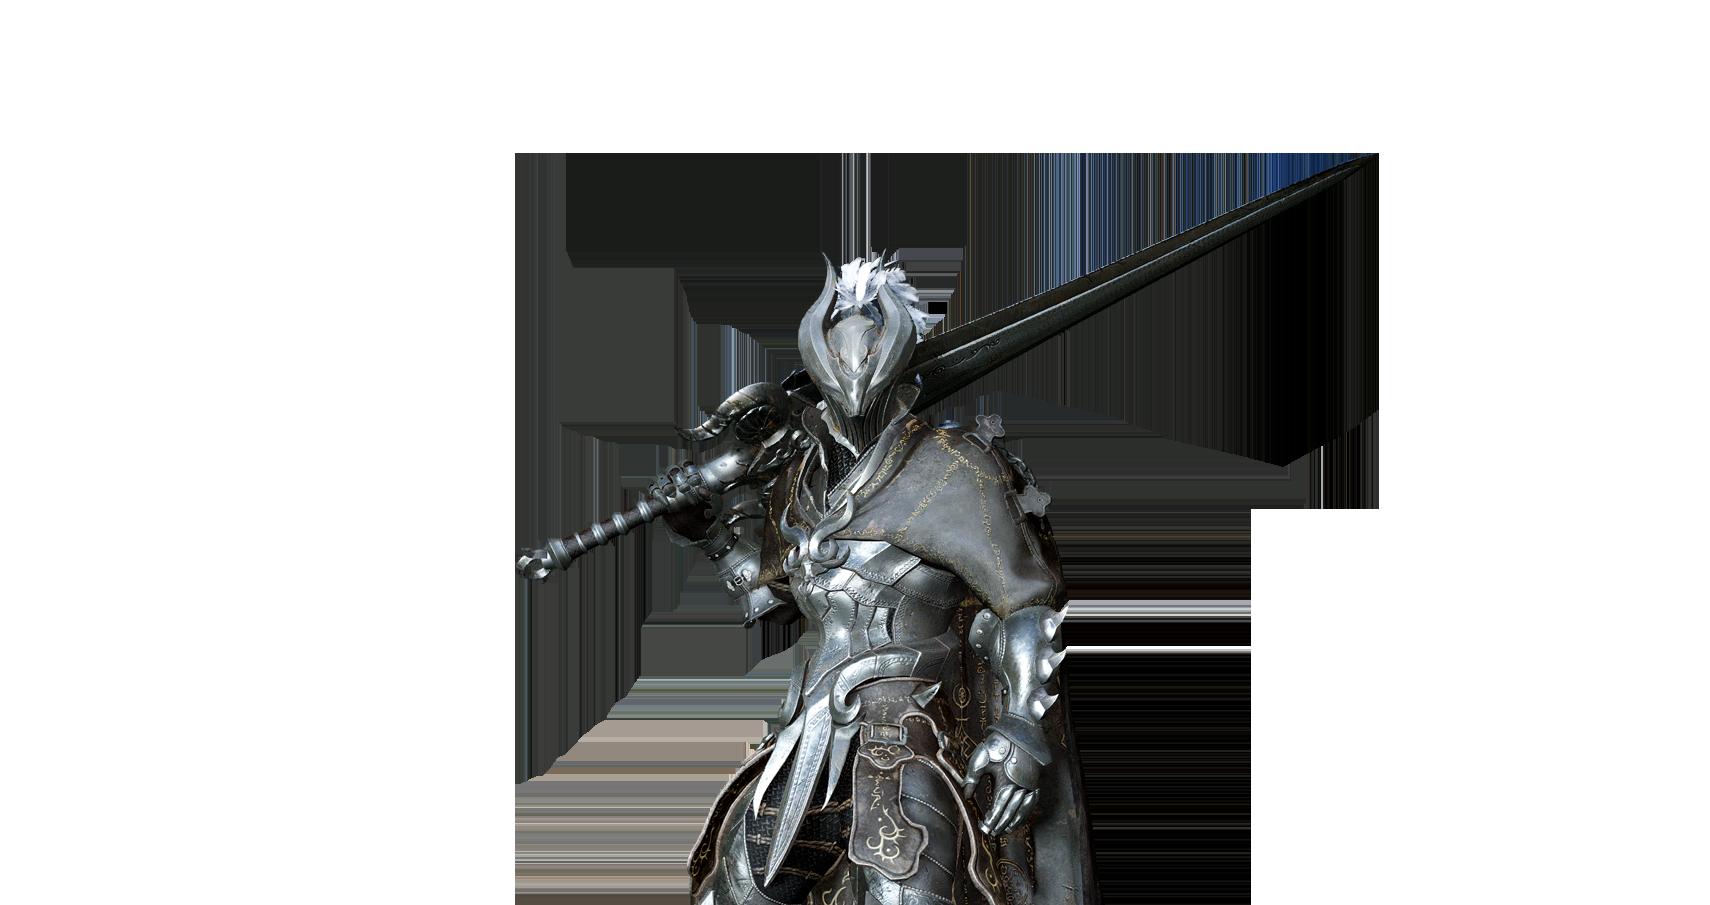 Warrior Warrior